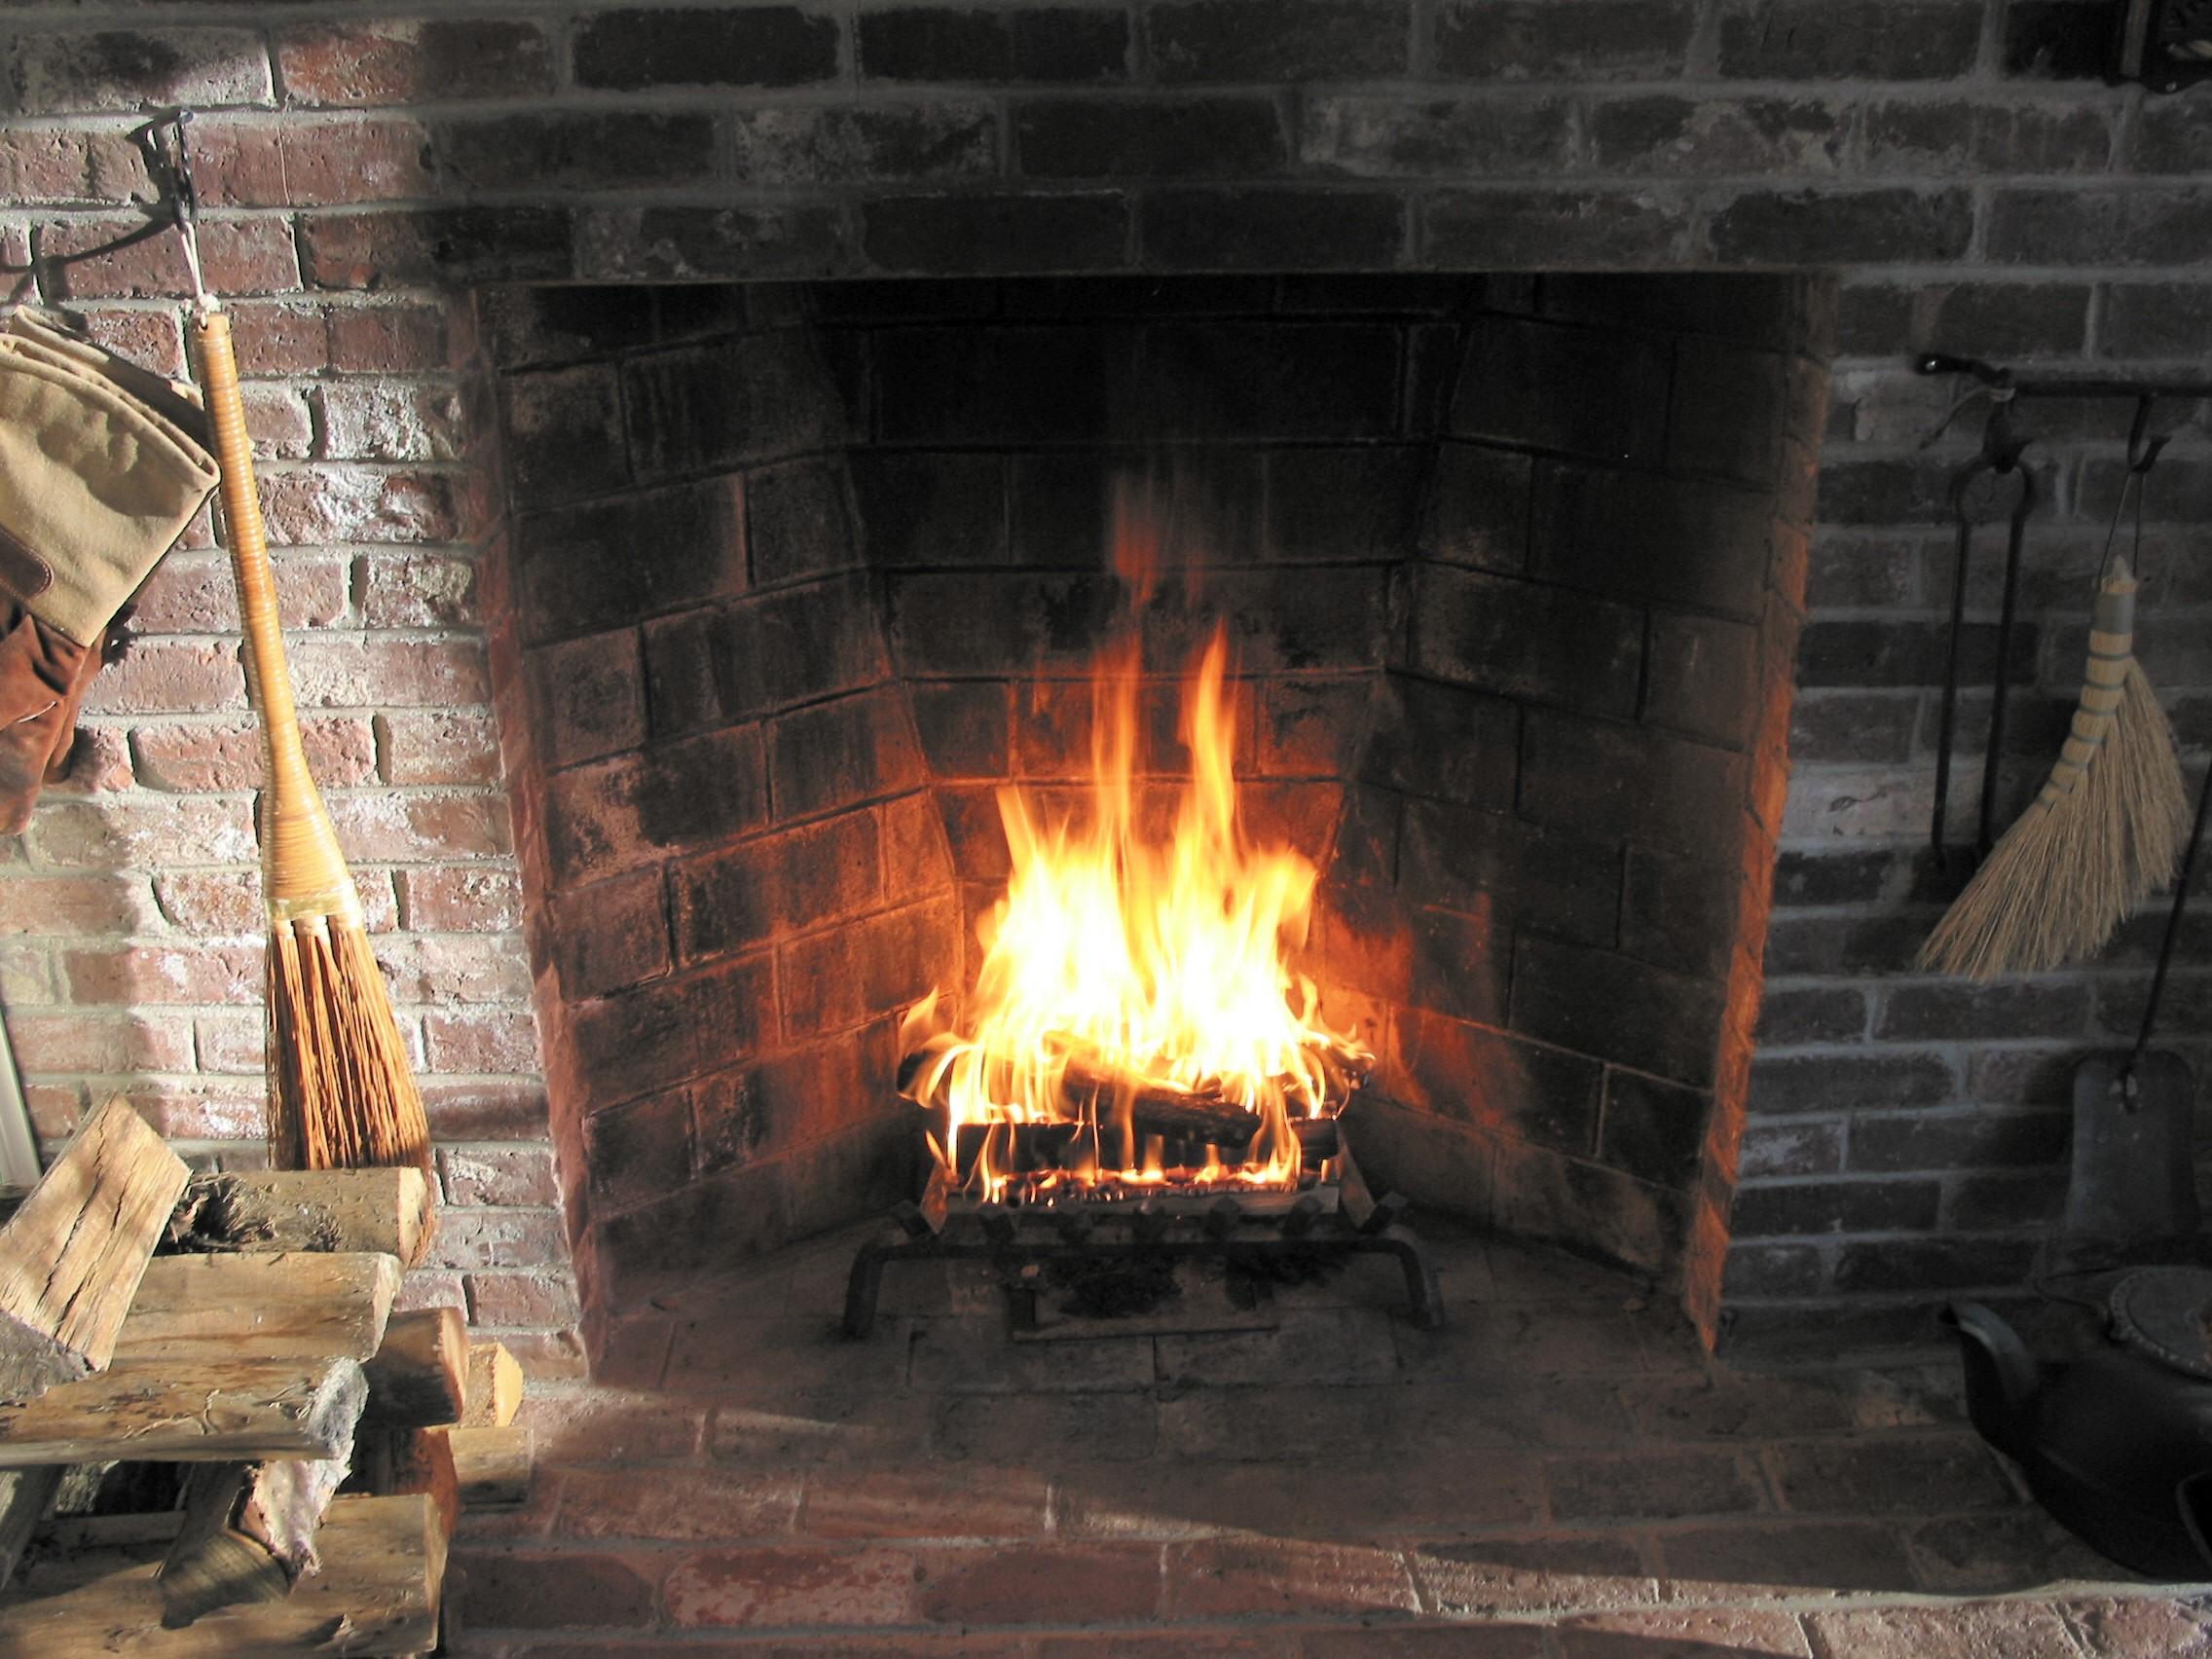 Awe Inspiring Rumford Fireplace Wikipedia Download Free Architecture Designs Scobabritishbridgeorg